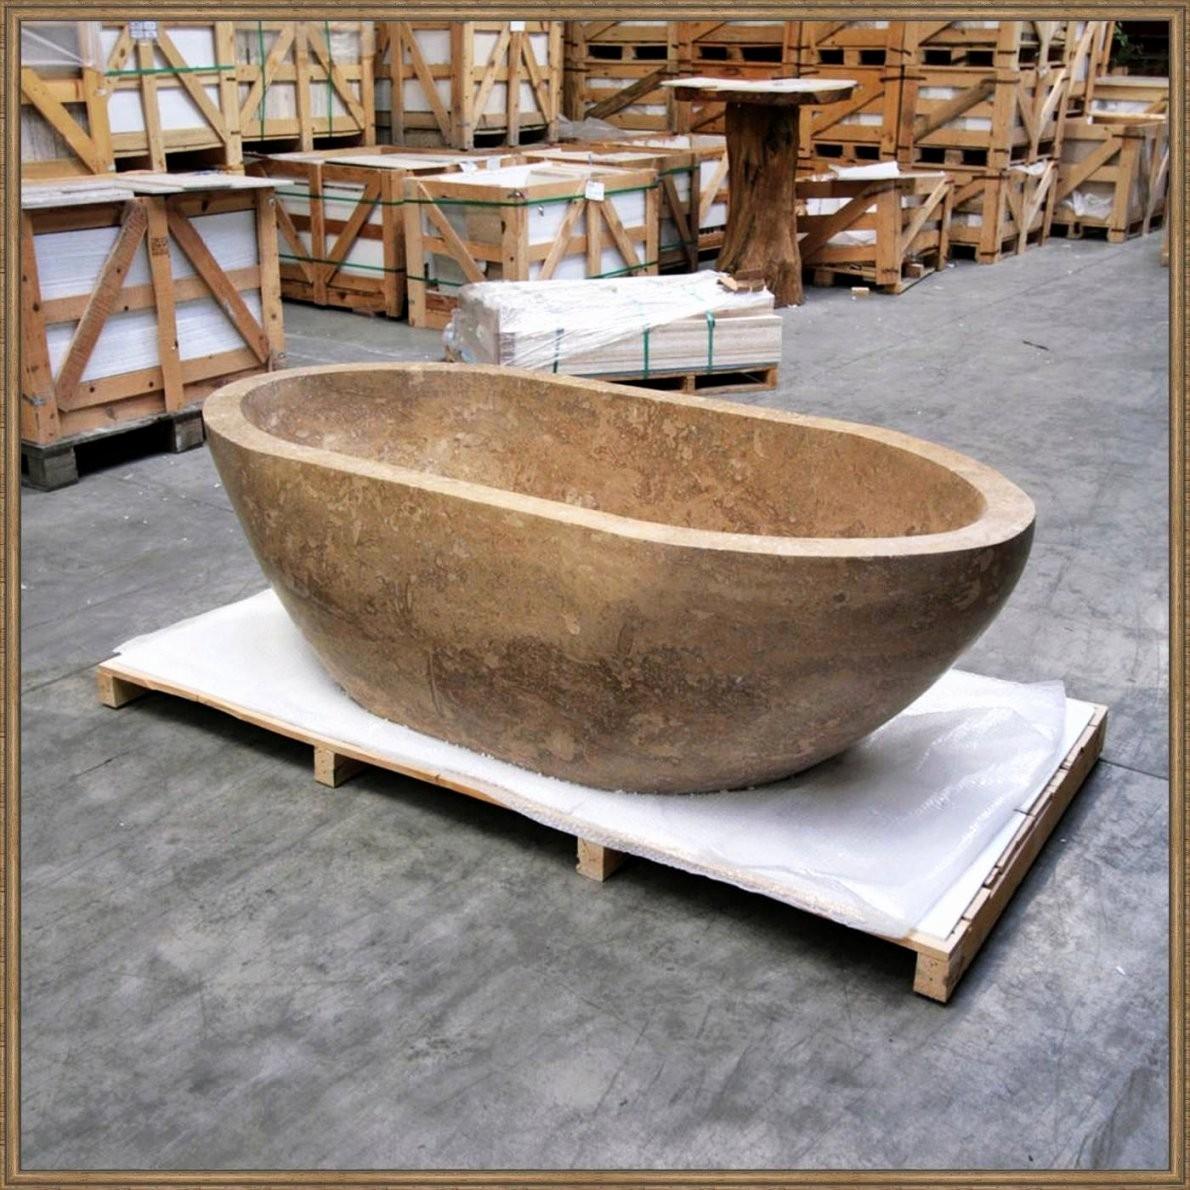 34 Abbild Freistehende Badewanne Gebraucht Frisch Bad Mit von Freistehende Badewanne Gebraucht Bild